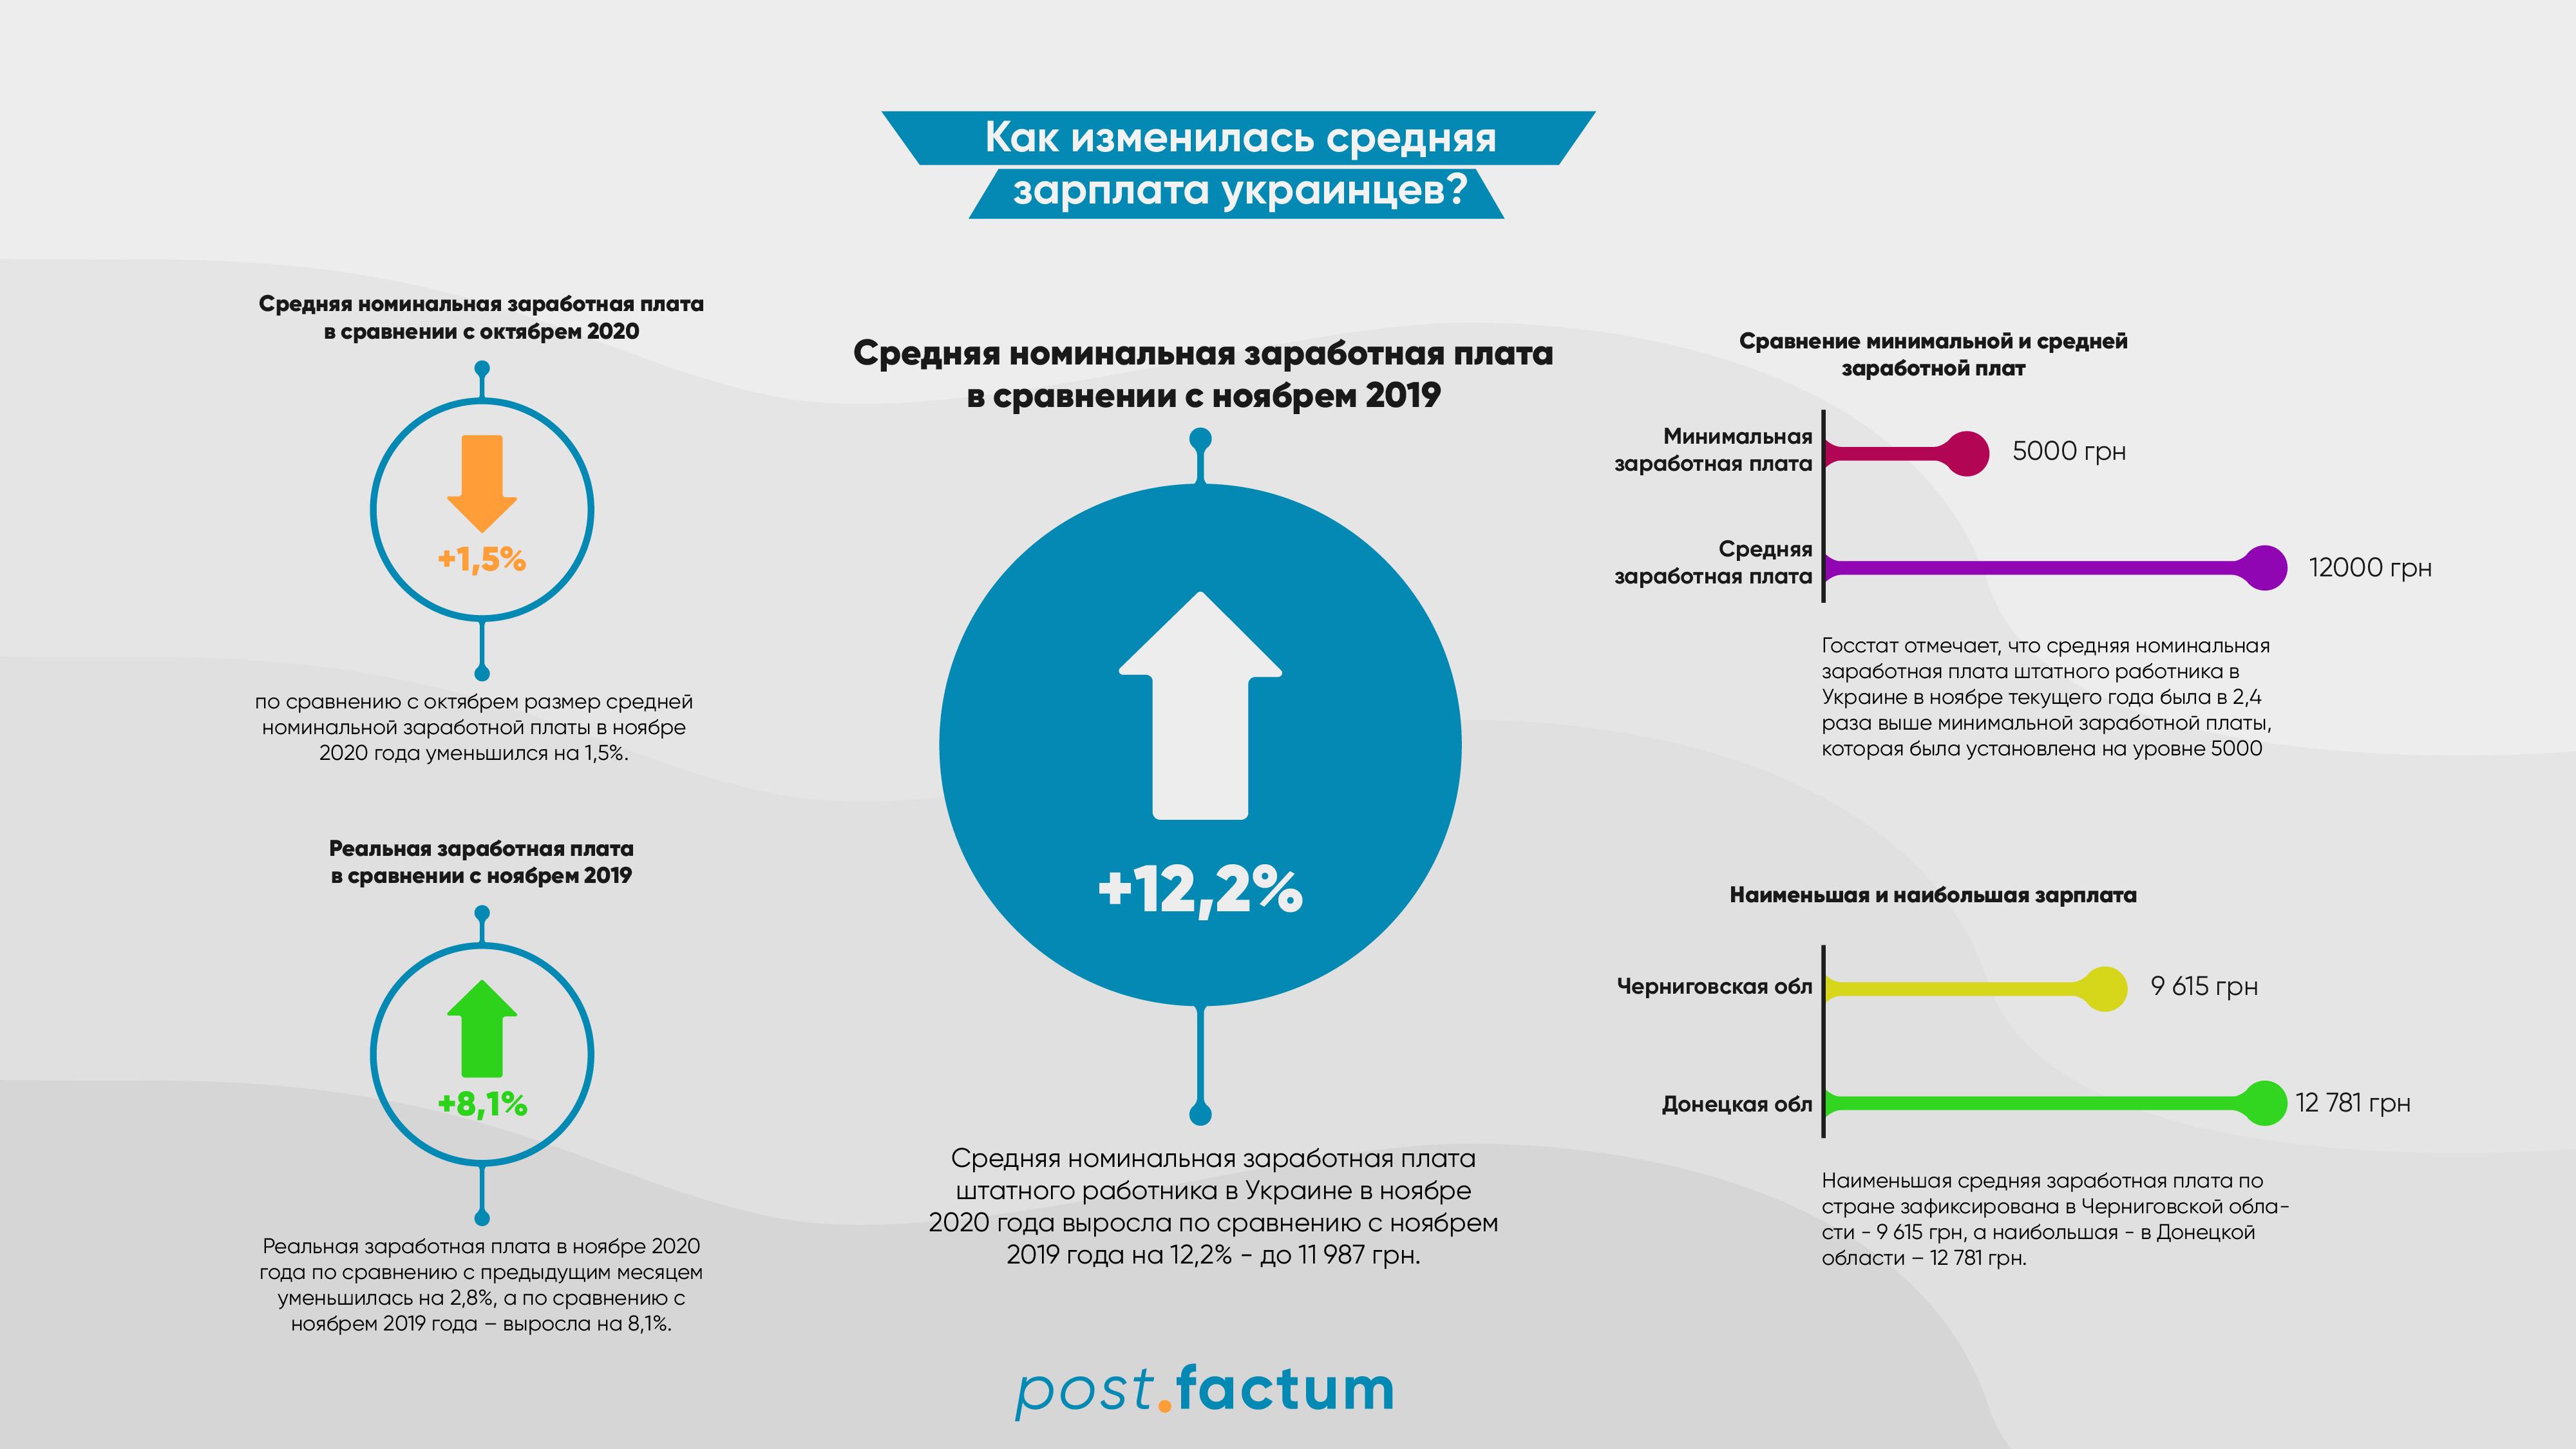 Инфографика: где в Украине самые высокие зарплаты — фото 1